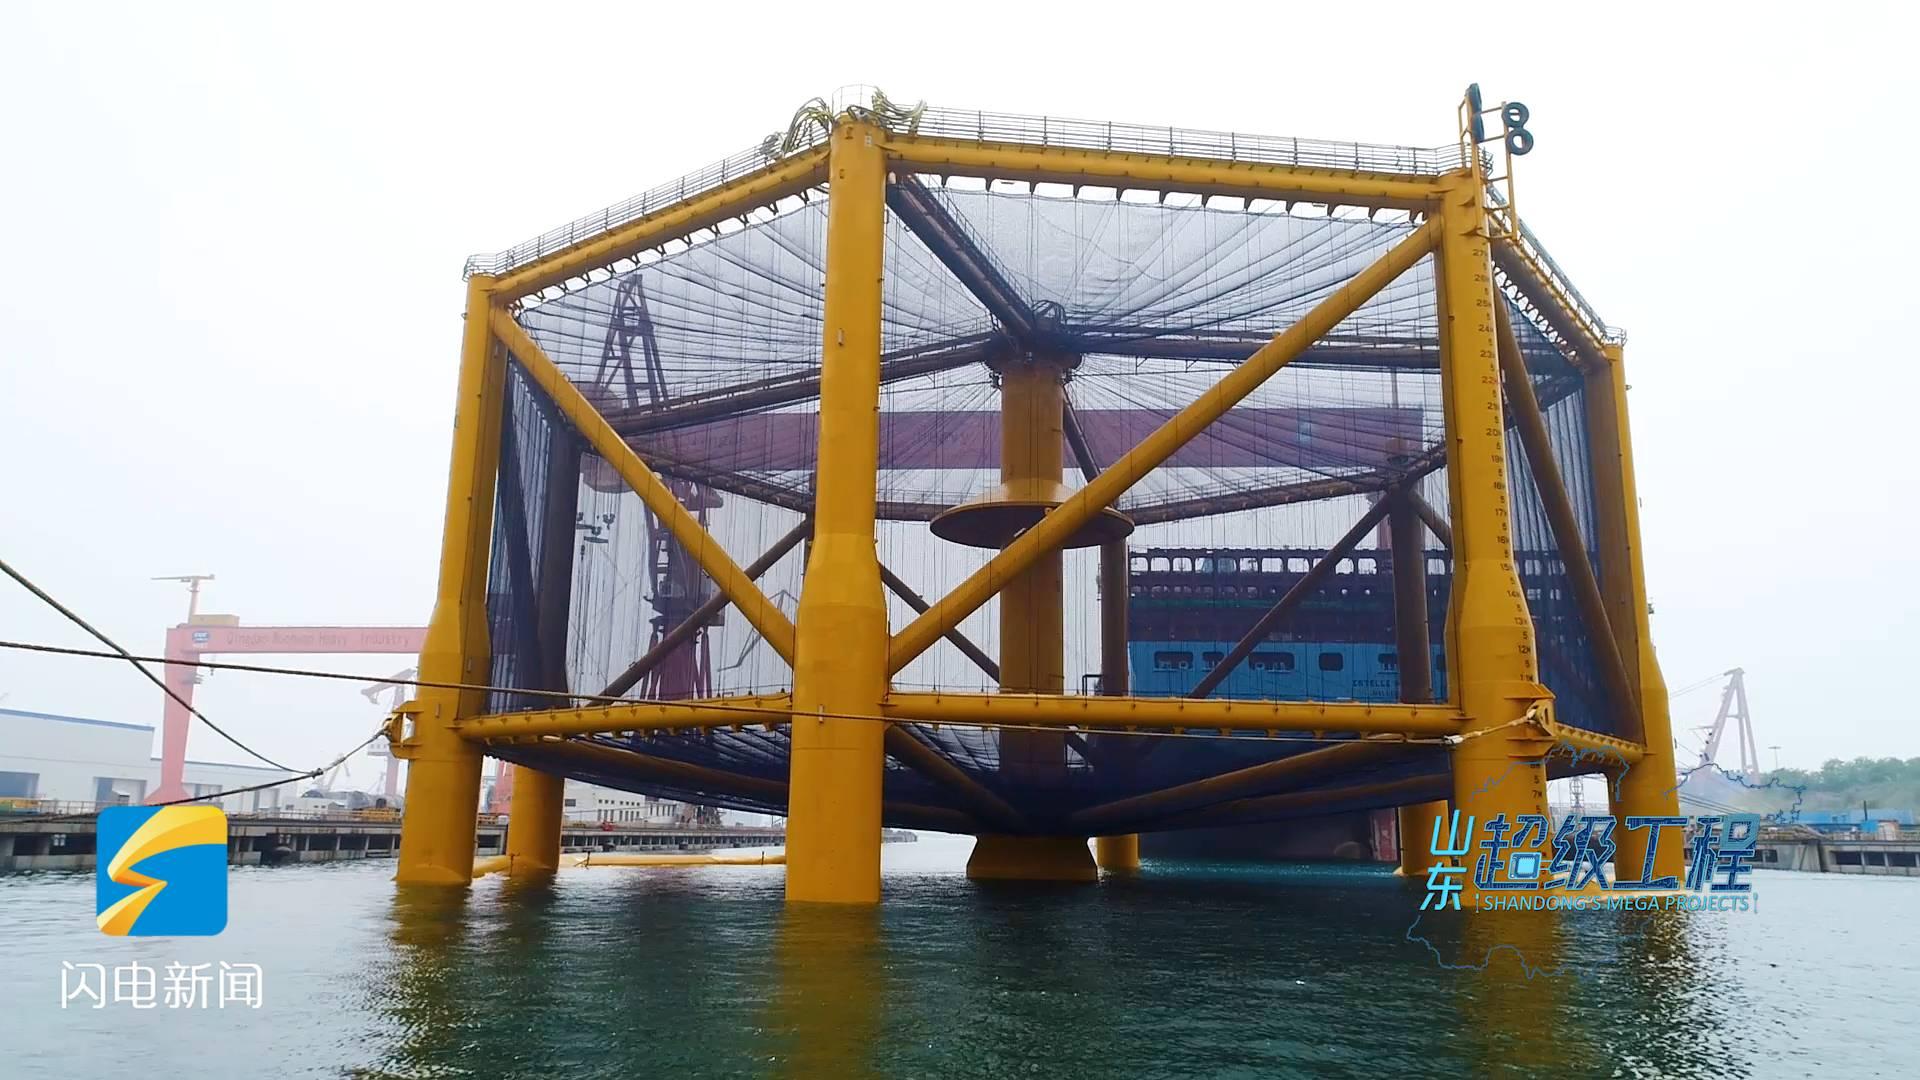 山东超级工程丨让温带海域养殖冷水鱼成为可能 深蓝一号助力中国海洋渔业走向深蓝